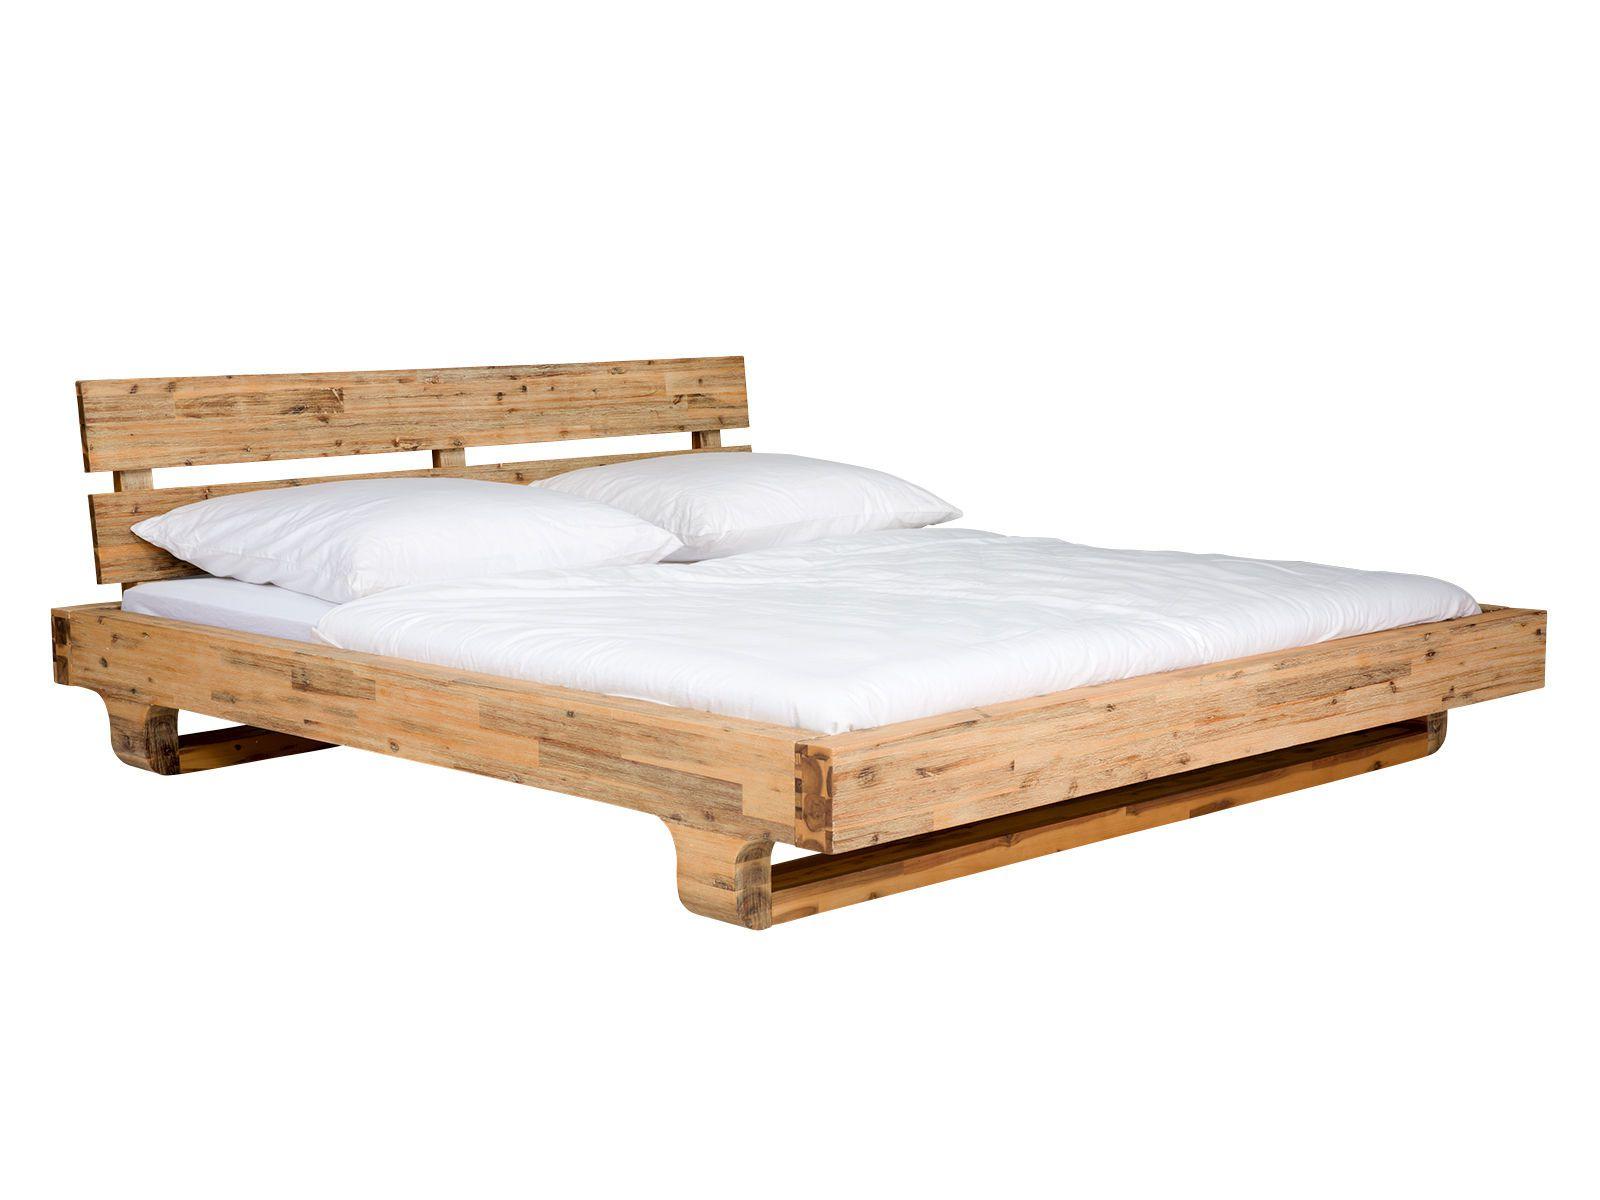 Full Size of Holzbrett Küche Boxspring Betten Für übergewichtige Dänisches Bettenlager Badezimmer Rauch 180x200 Altholz Esstisch Massiv 90x200 Spielhaus Garten Holz Bett Betten Holz